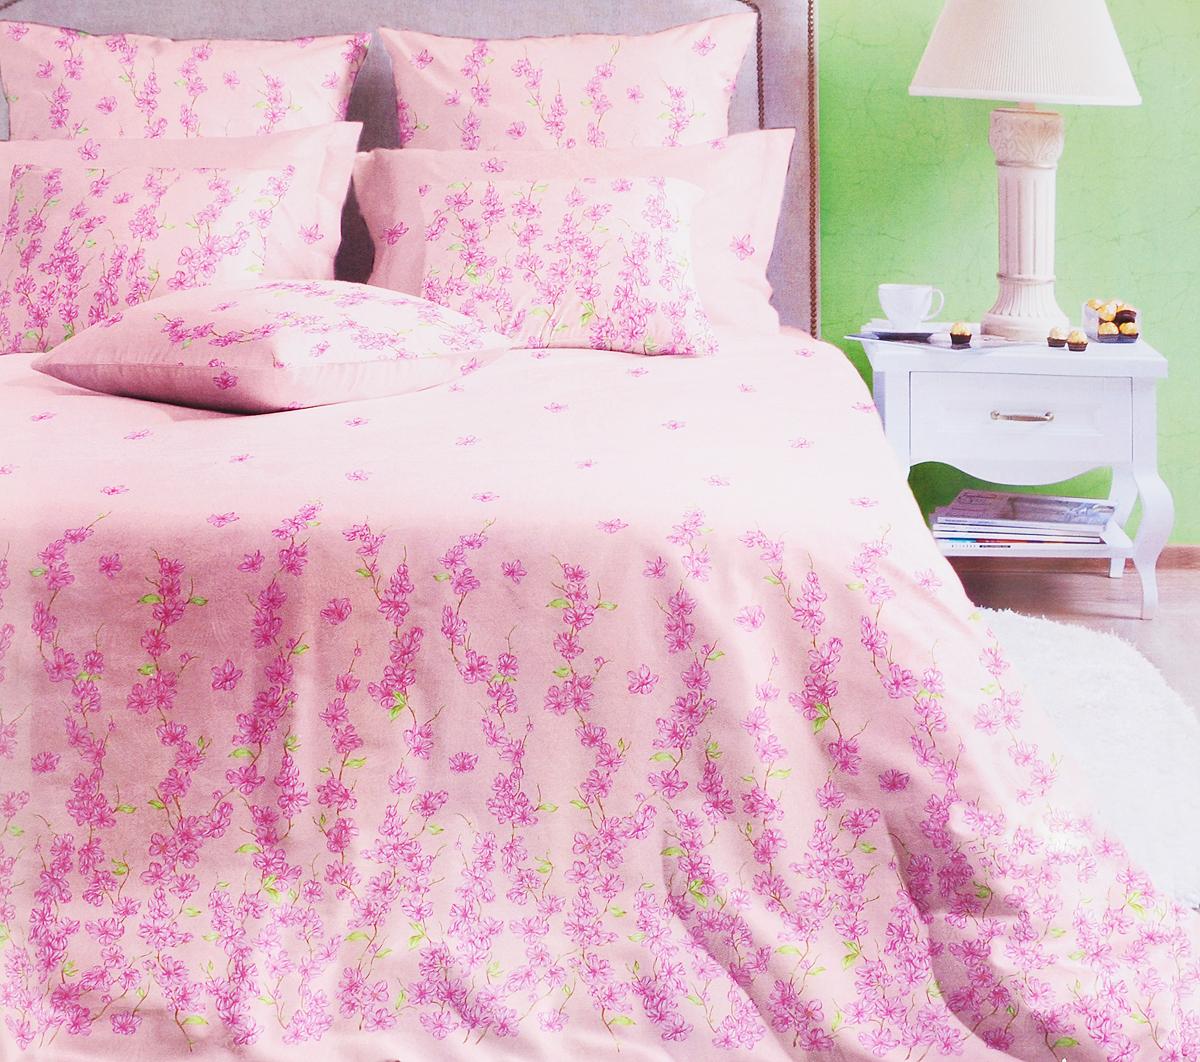 Комплект постельного белья Хлопковый Край Шарлиз роза, семейный, наволочки 70х70. 50б-1ХКсс полуторный комплект белья хлопковый край винтаж 1 поплин 1 5